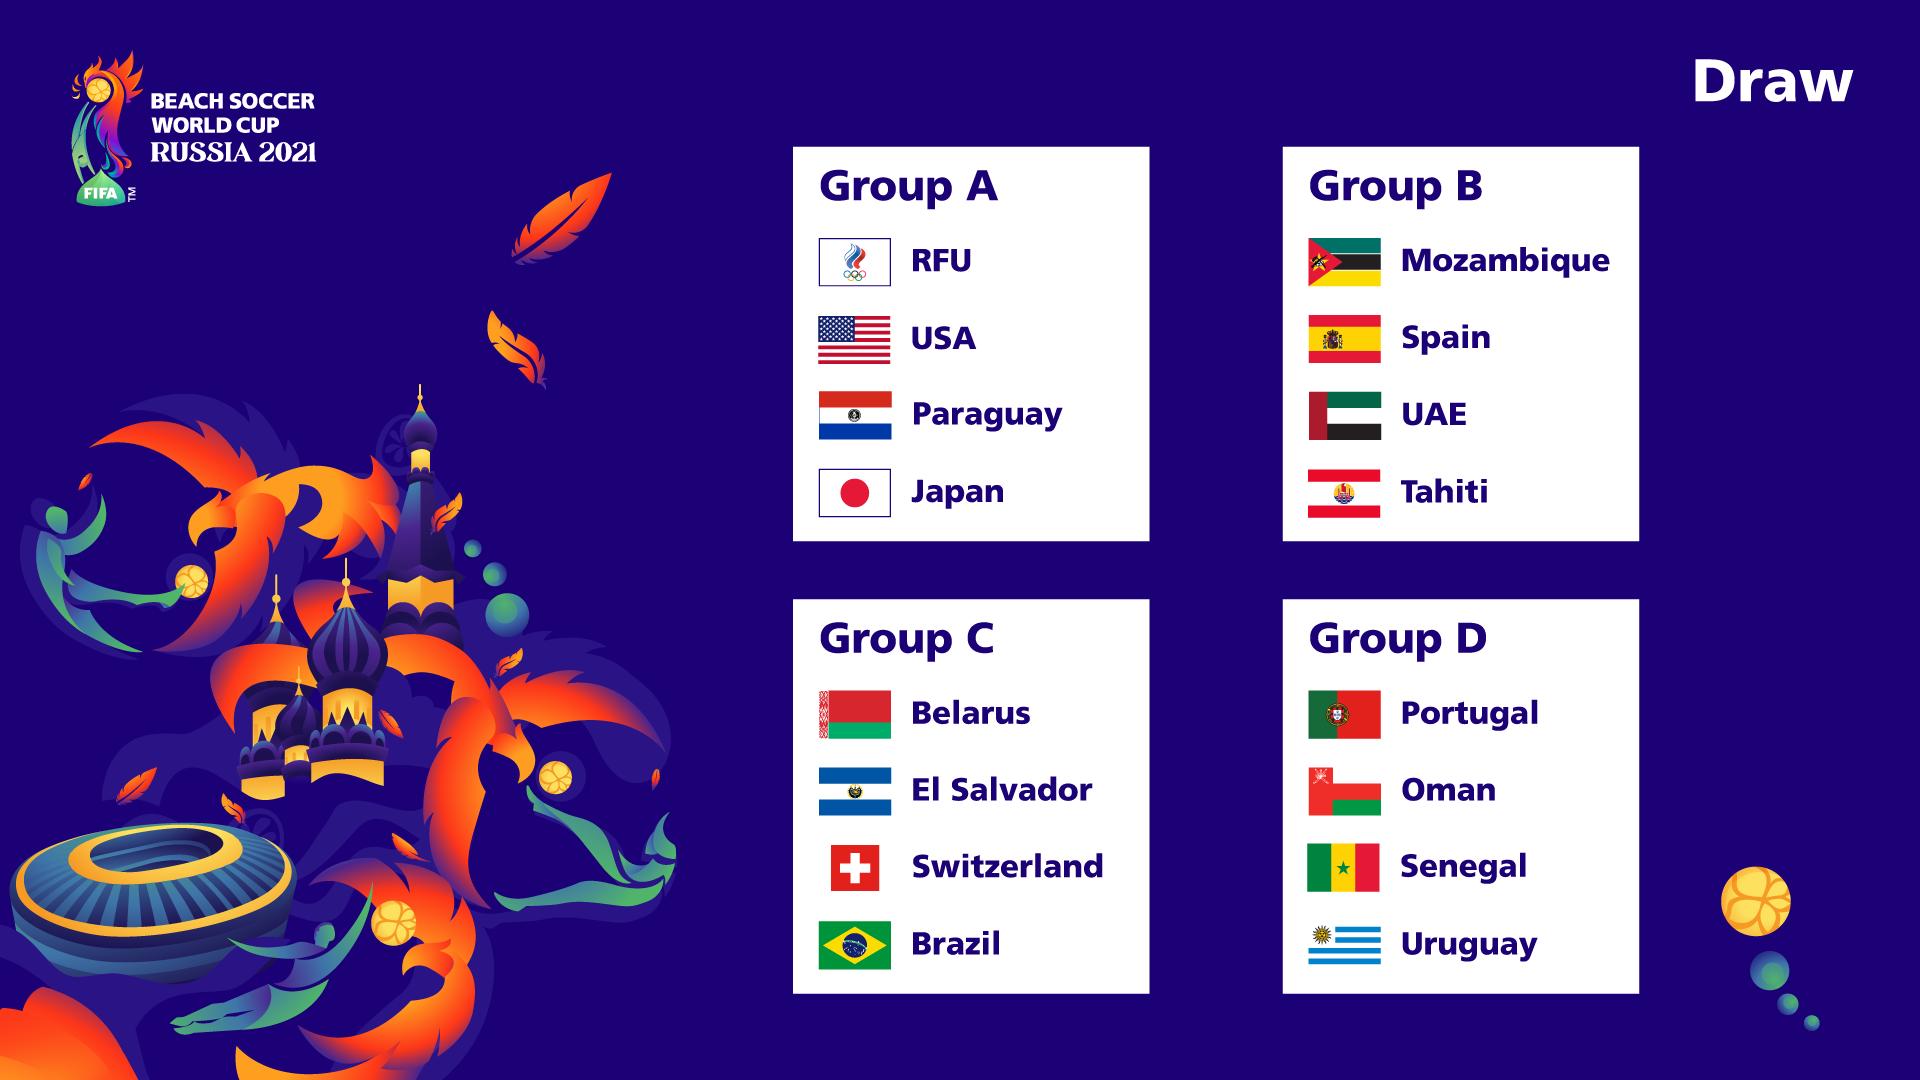 Les Tiki Toa avec l'Espagne, les Emirats Arabes Unis et le Mozambique